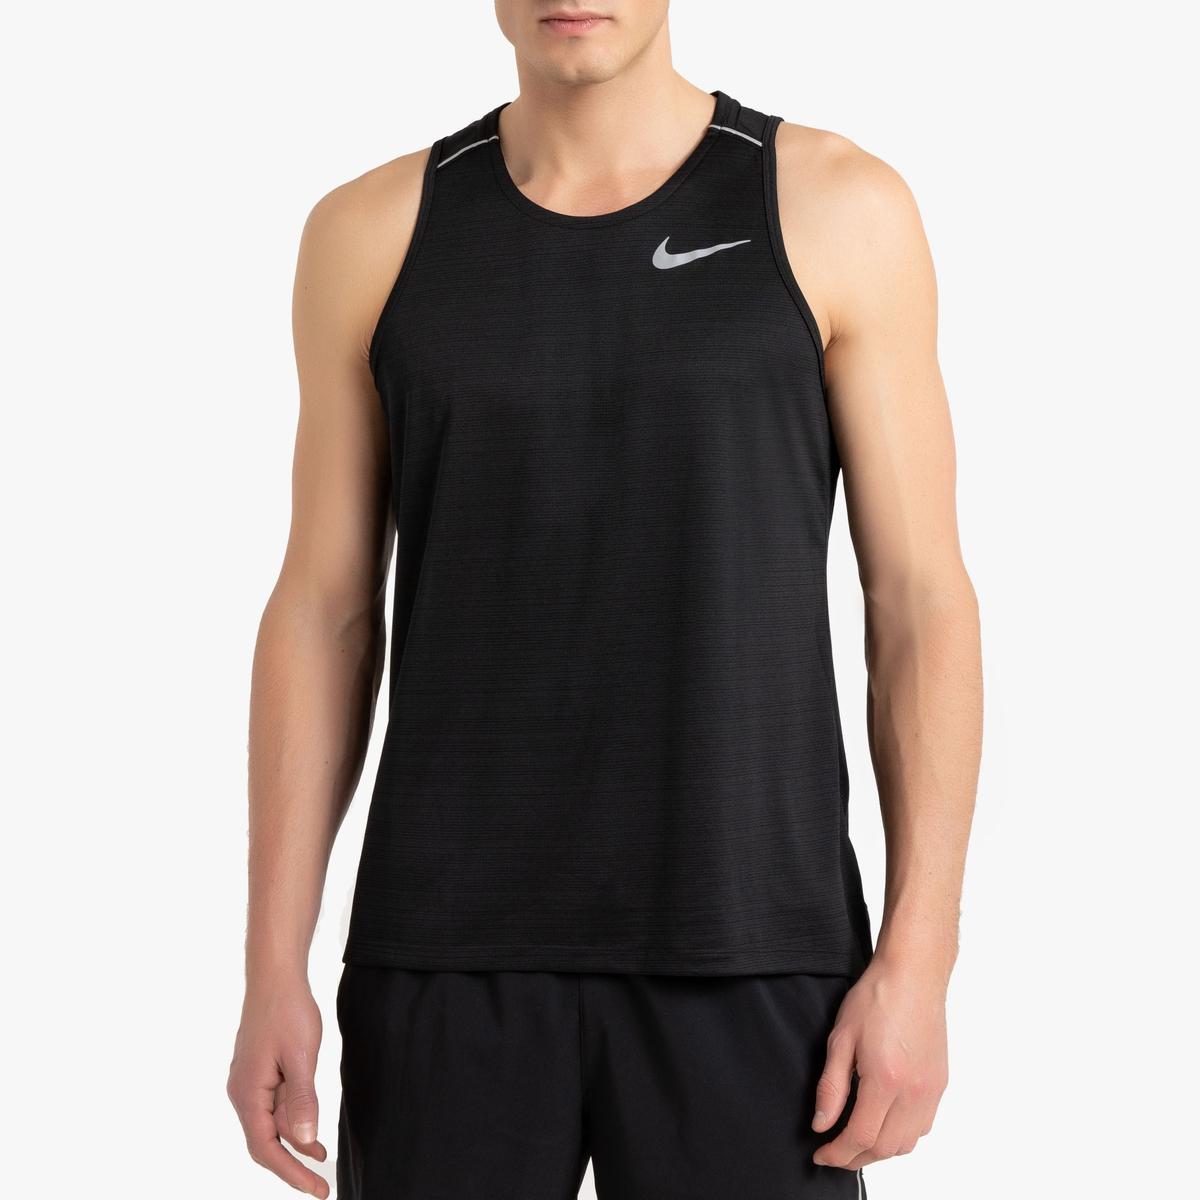 Camiseta sin mangas de running Dri-fit Miler